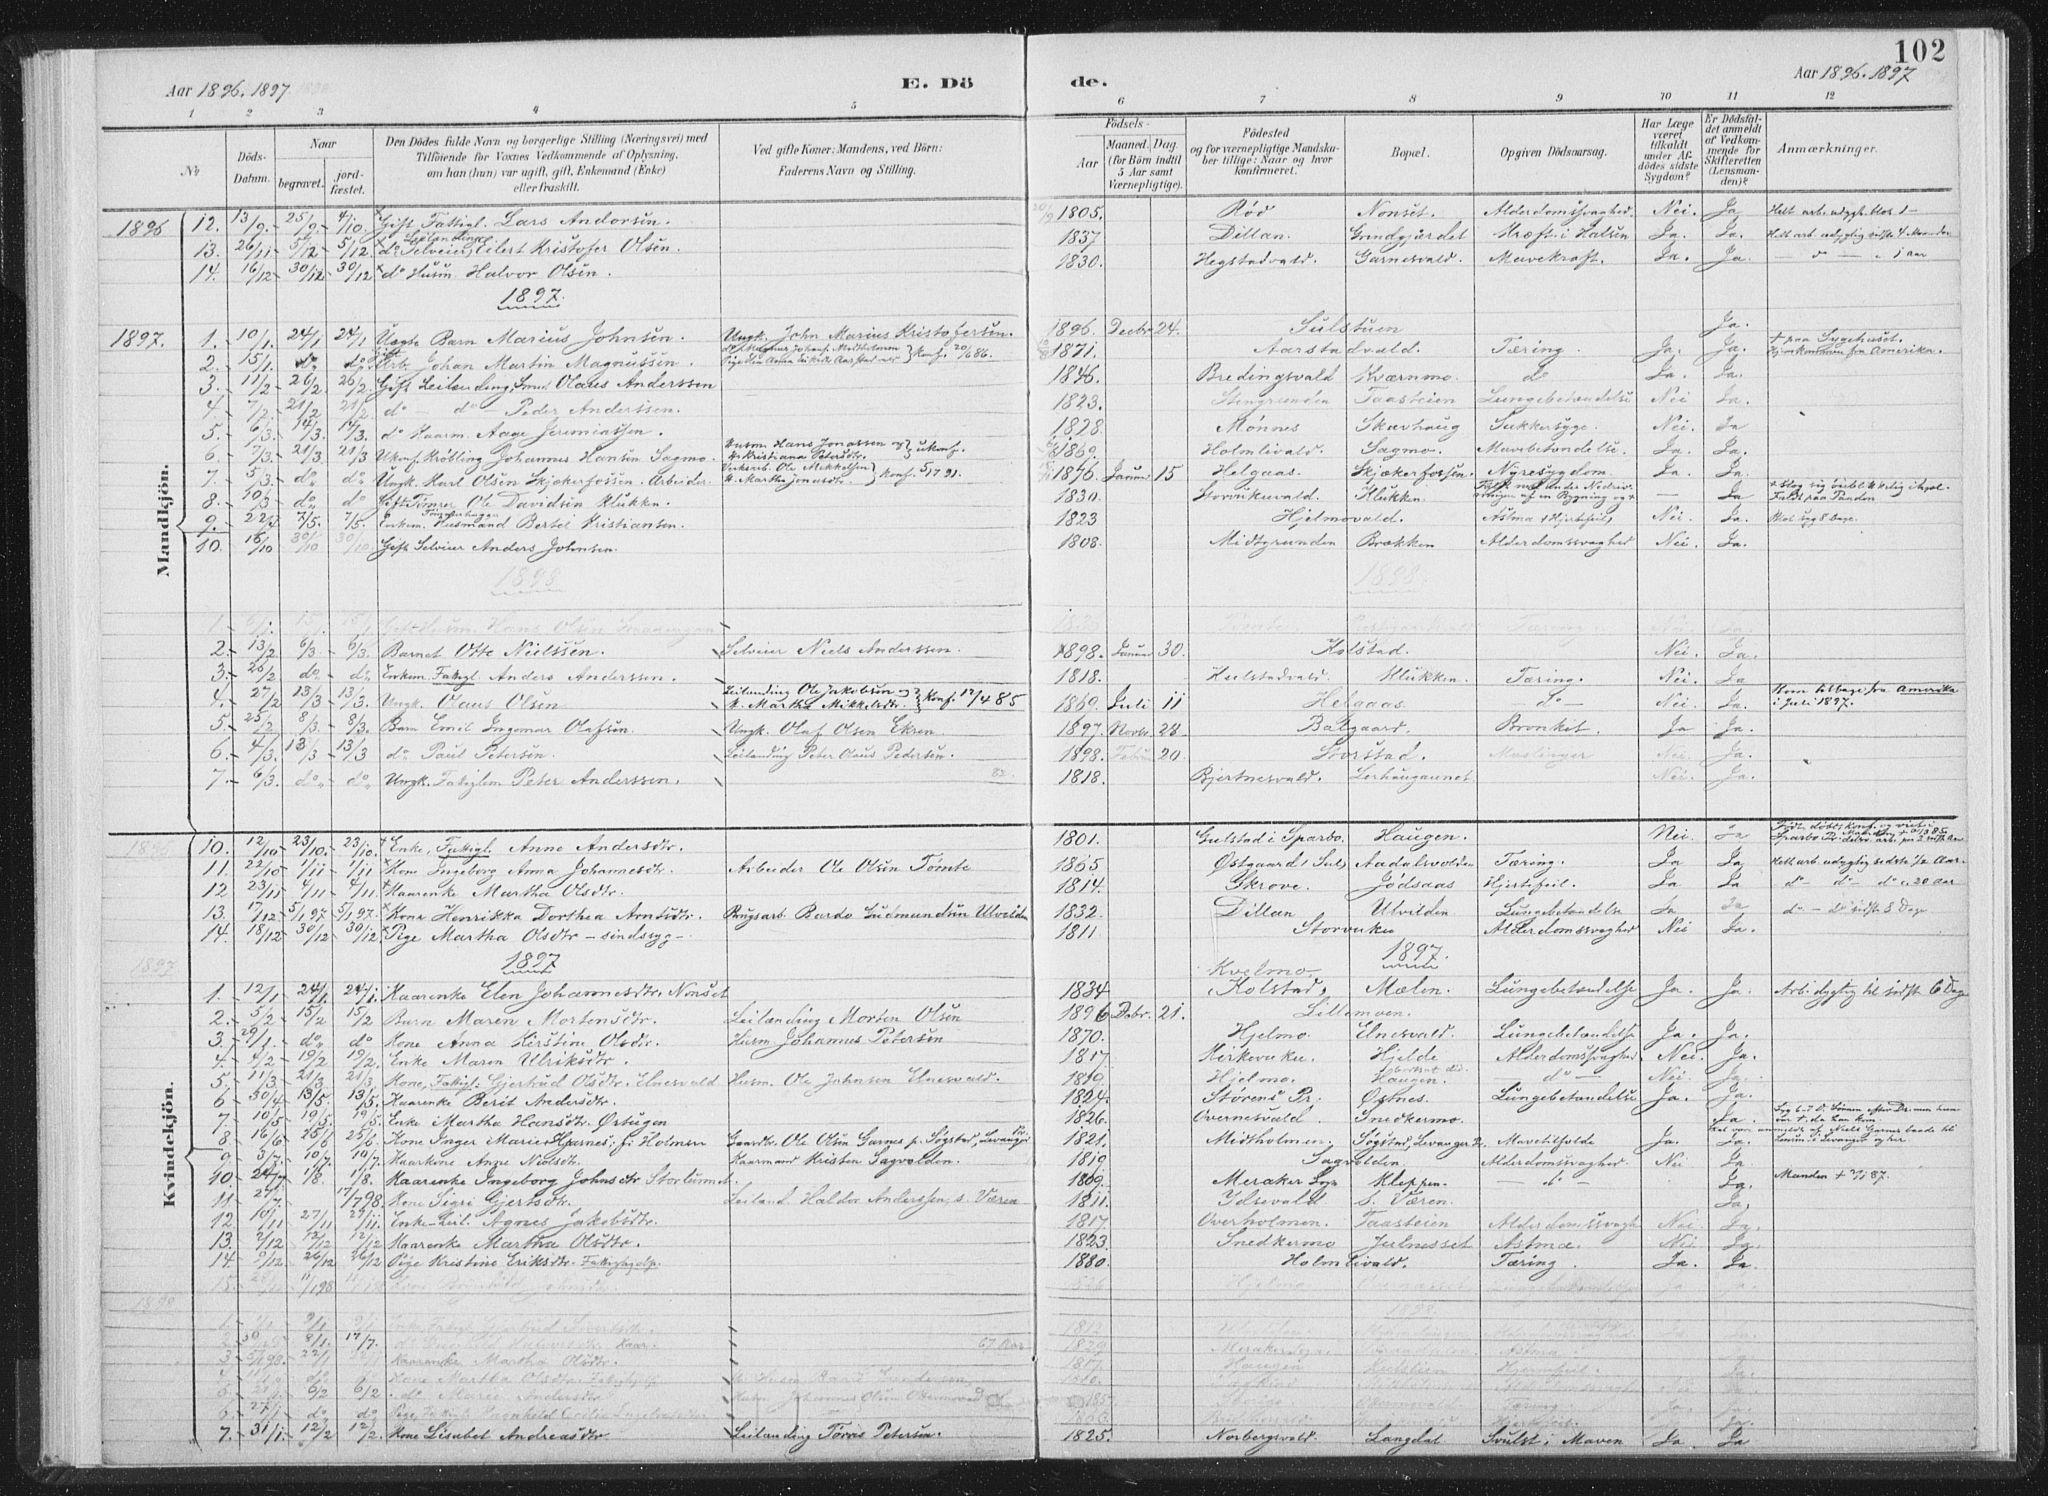 SAT, Ministerialprotokoller, klokkerbøker og fødselsregistre - Nord-Trøndelag, 724/L0263: Ministerialbok nr. 724A01, 1891-1907, s. 102